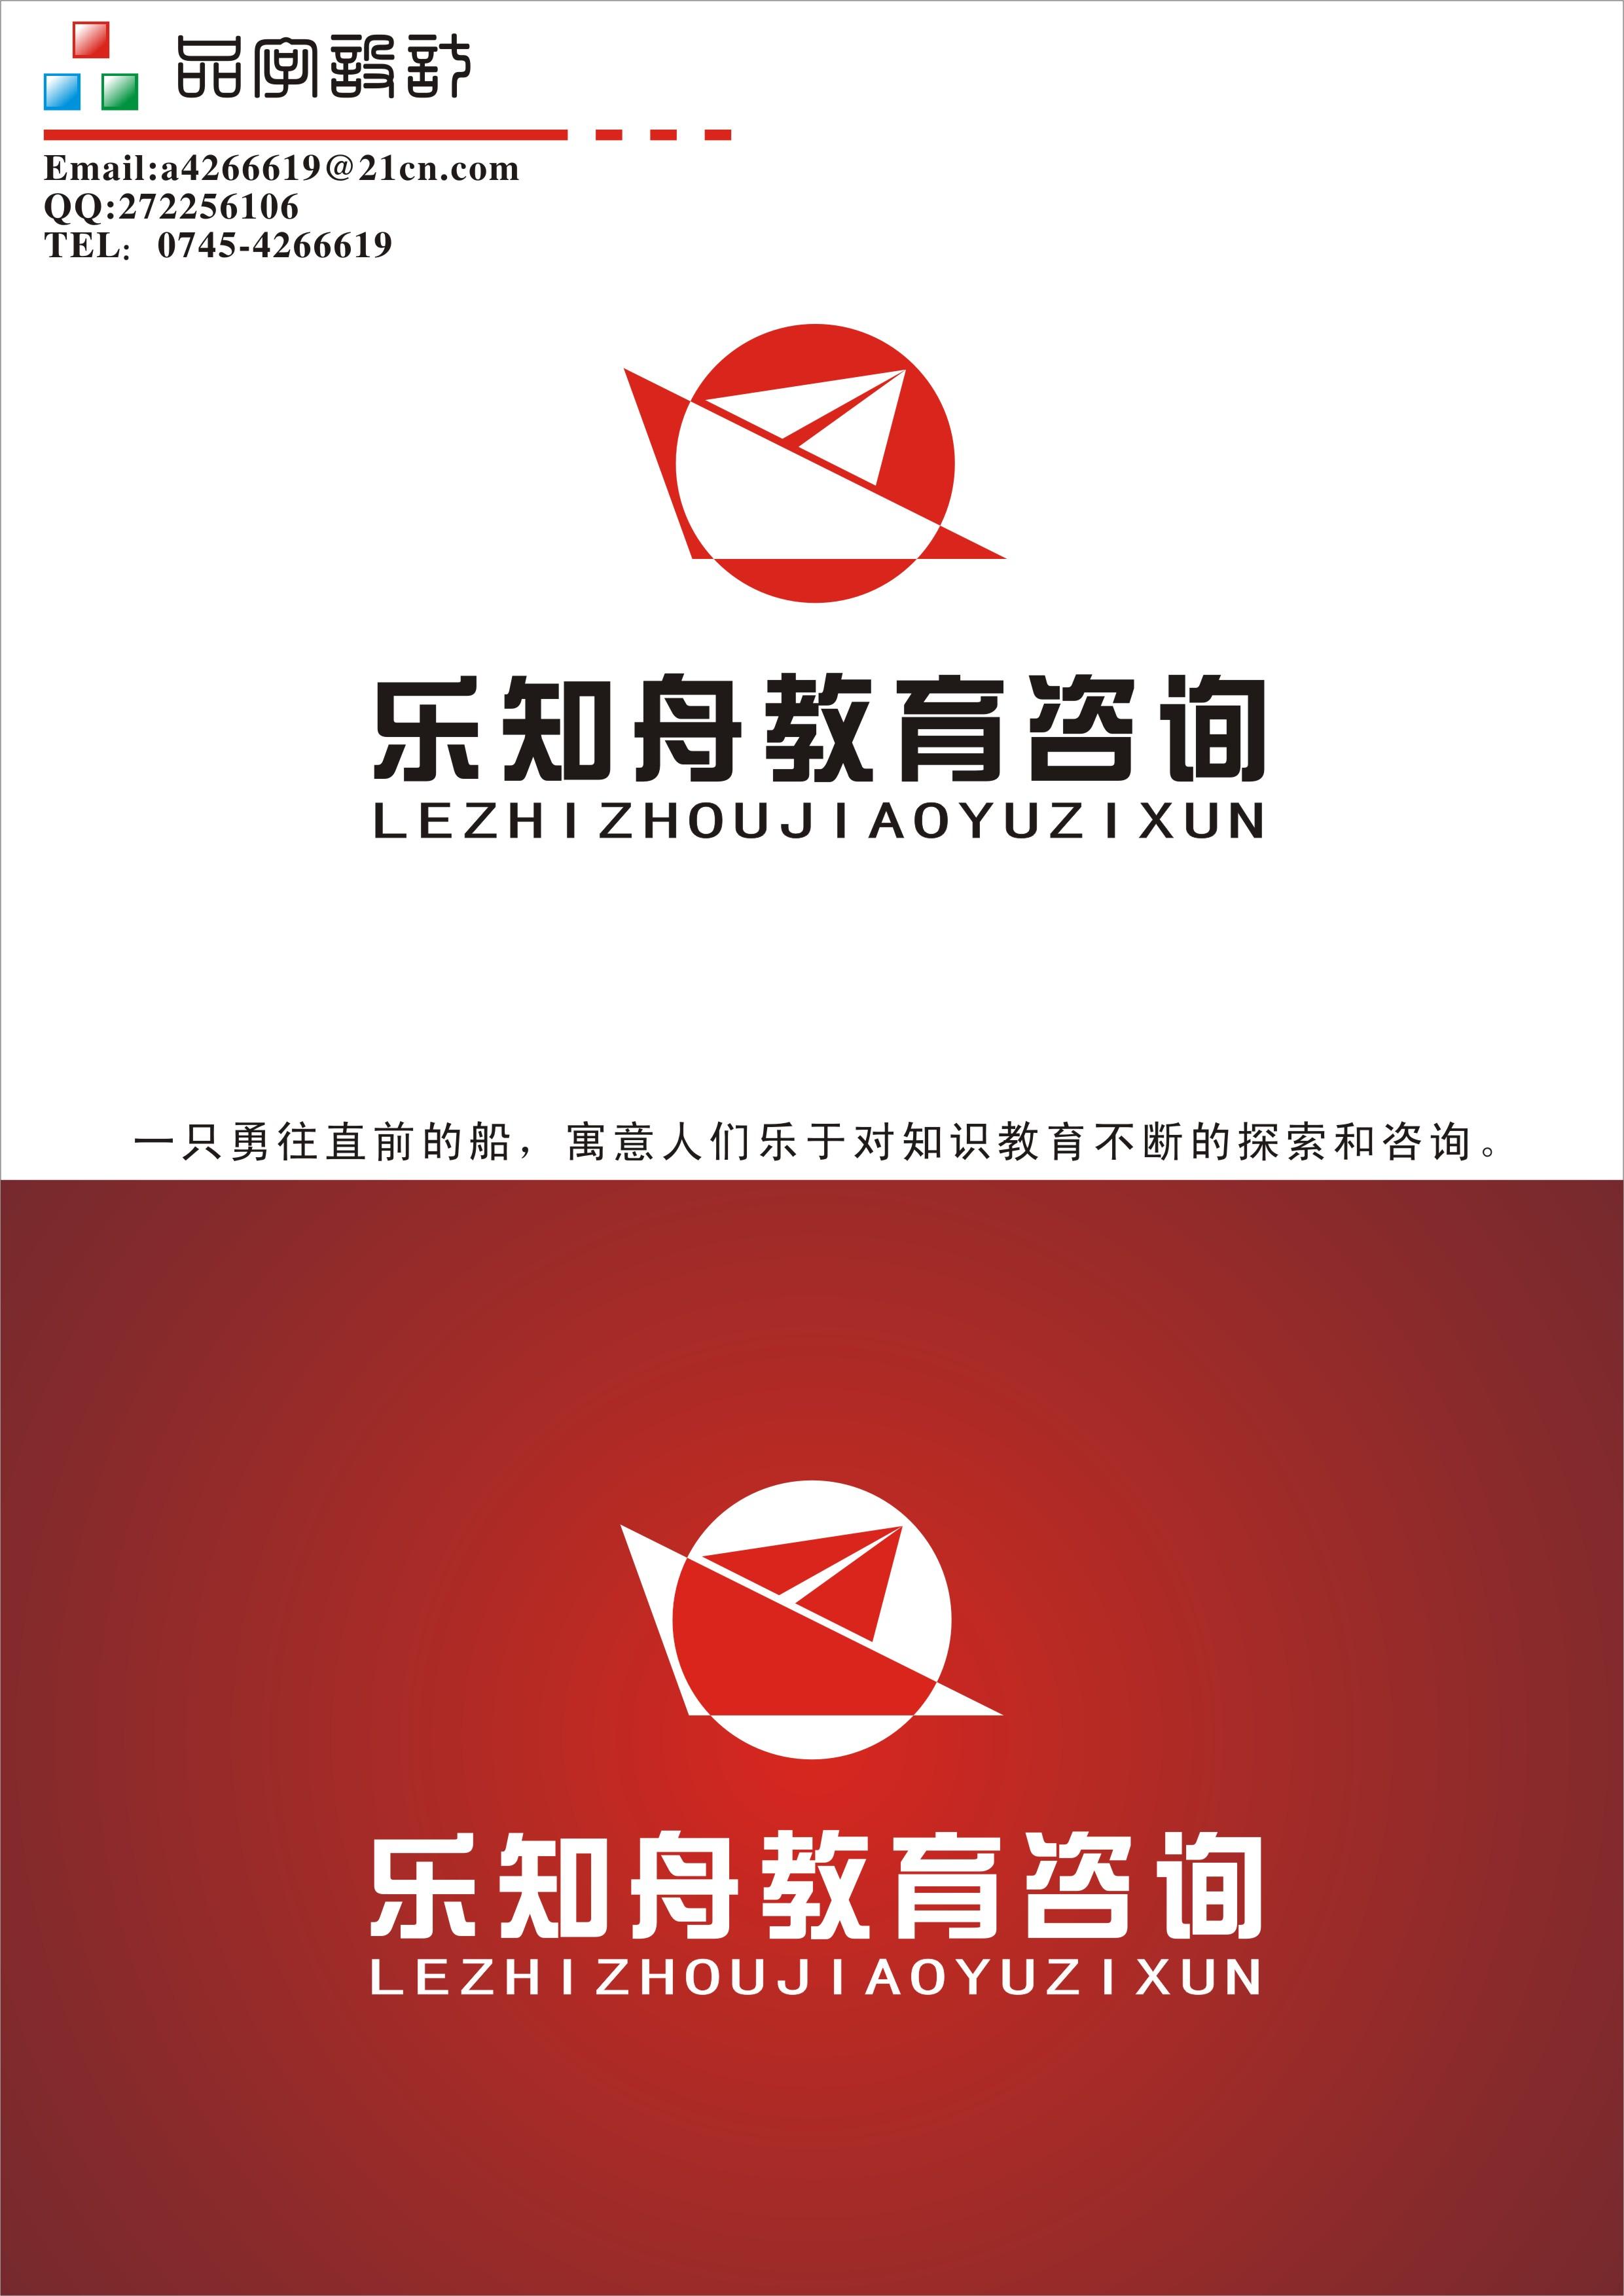 现金教育咨询公司logo设计及名片设计